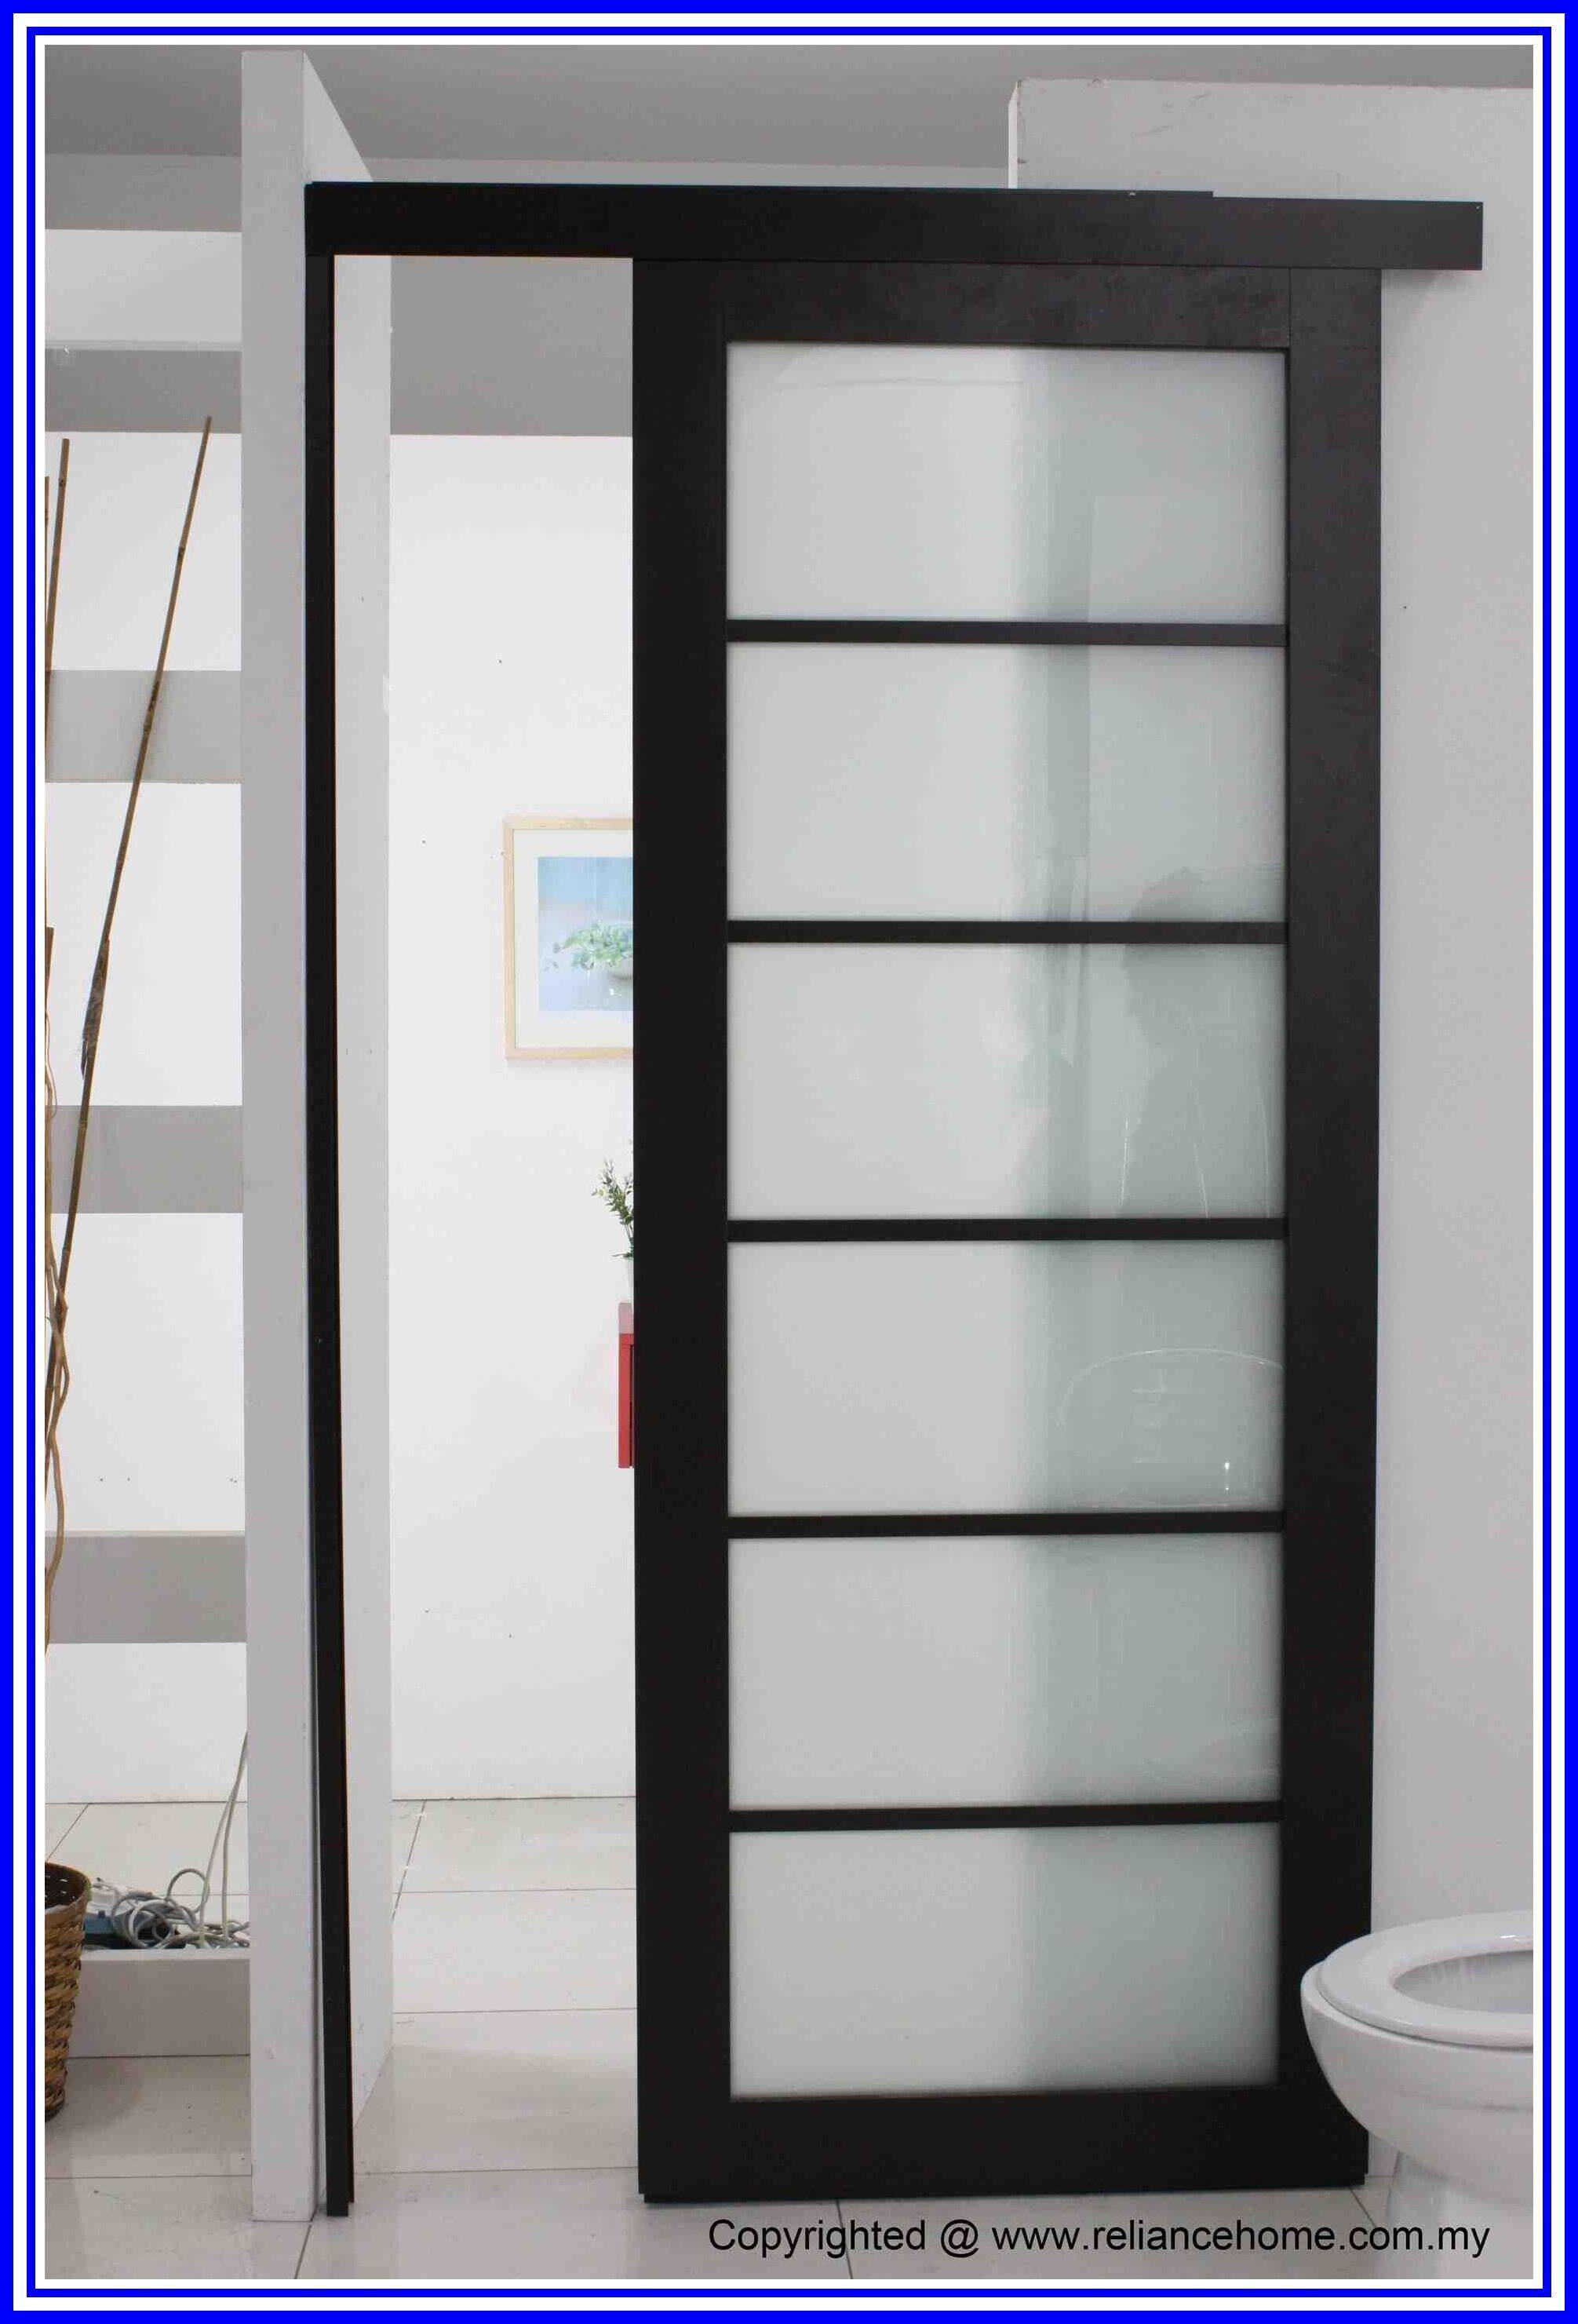 12 reference of pvc interior bathroom door  Glass doors interior